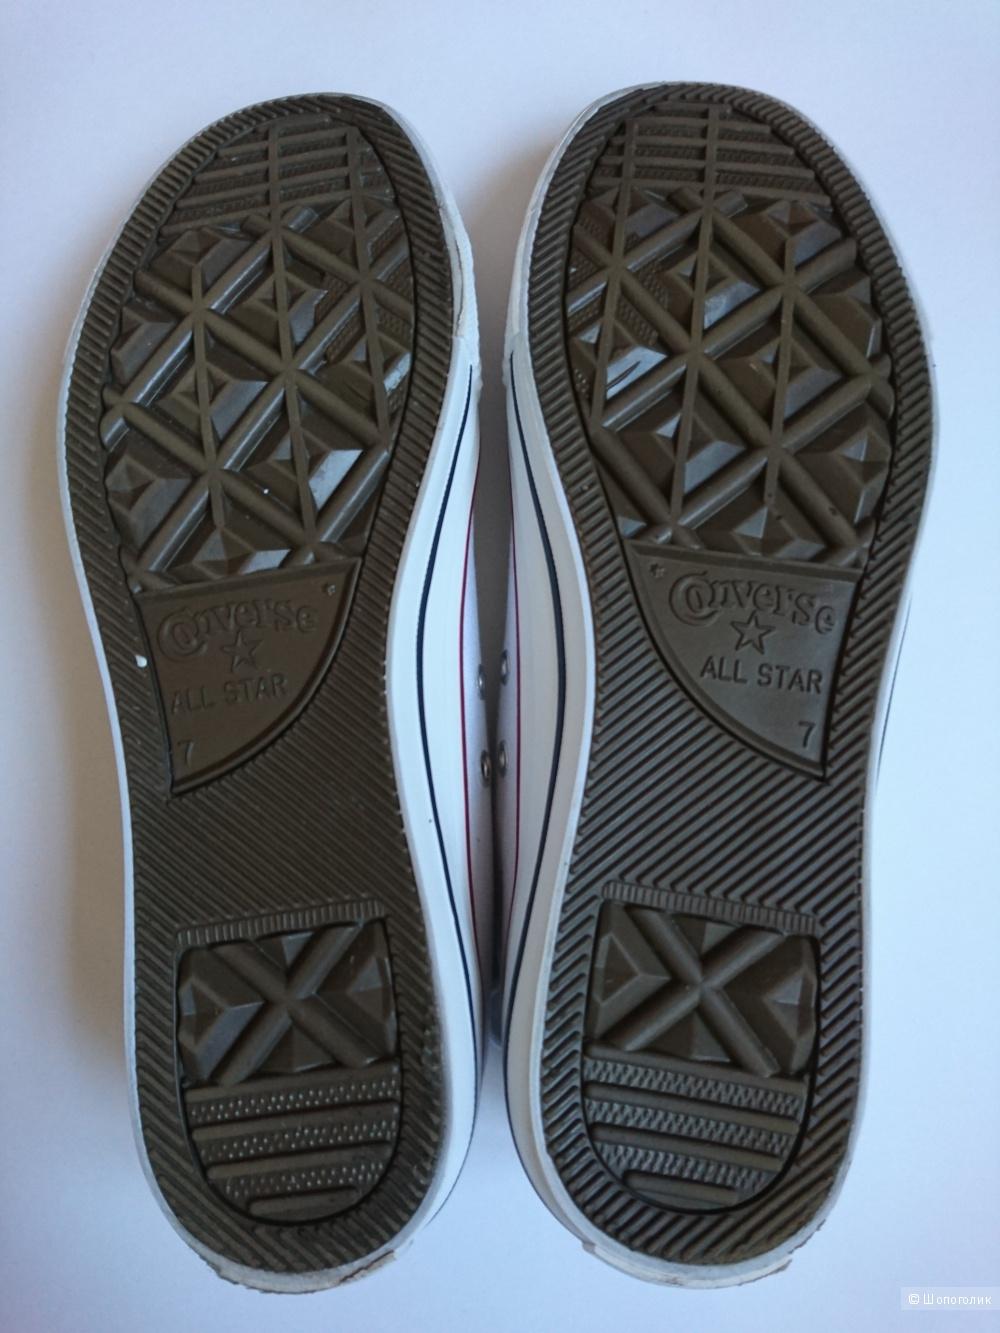 Кеды  Converse, 40 размер